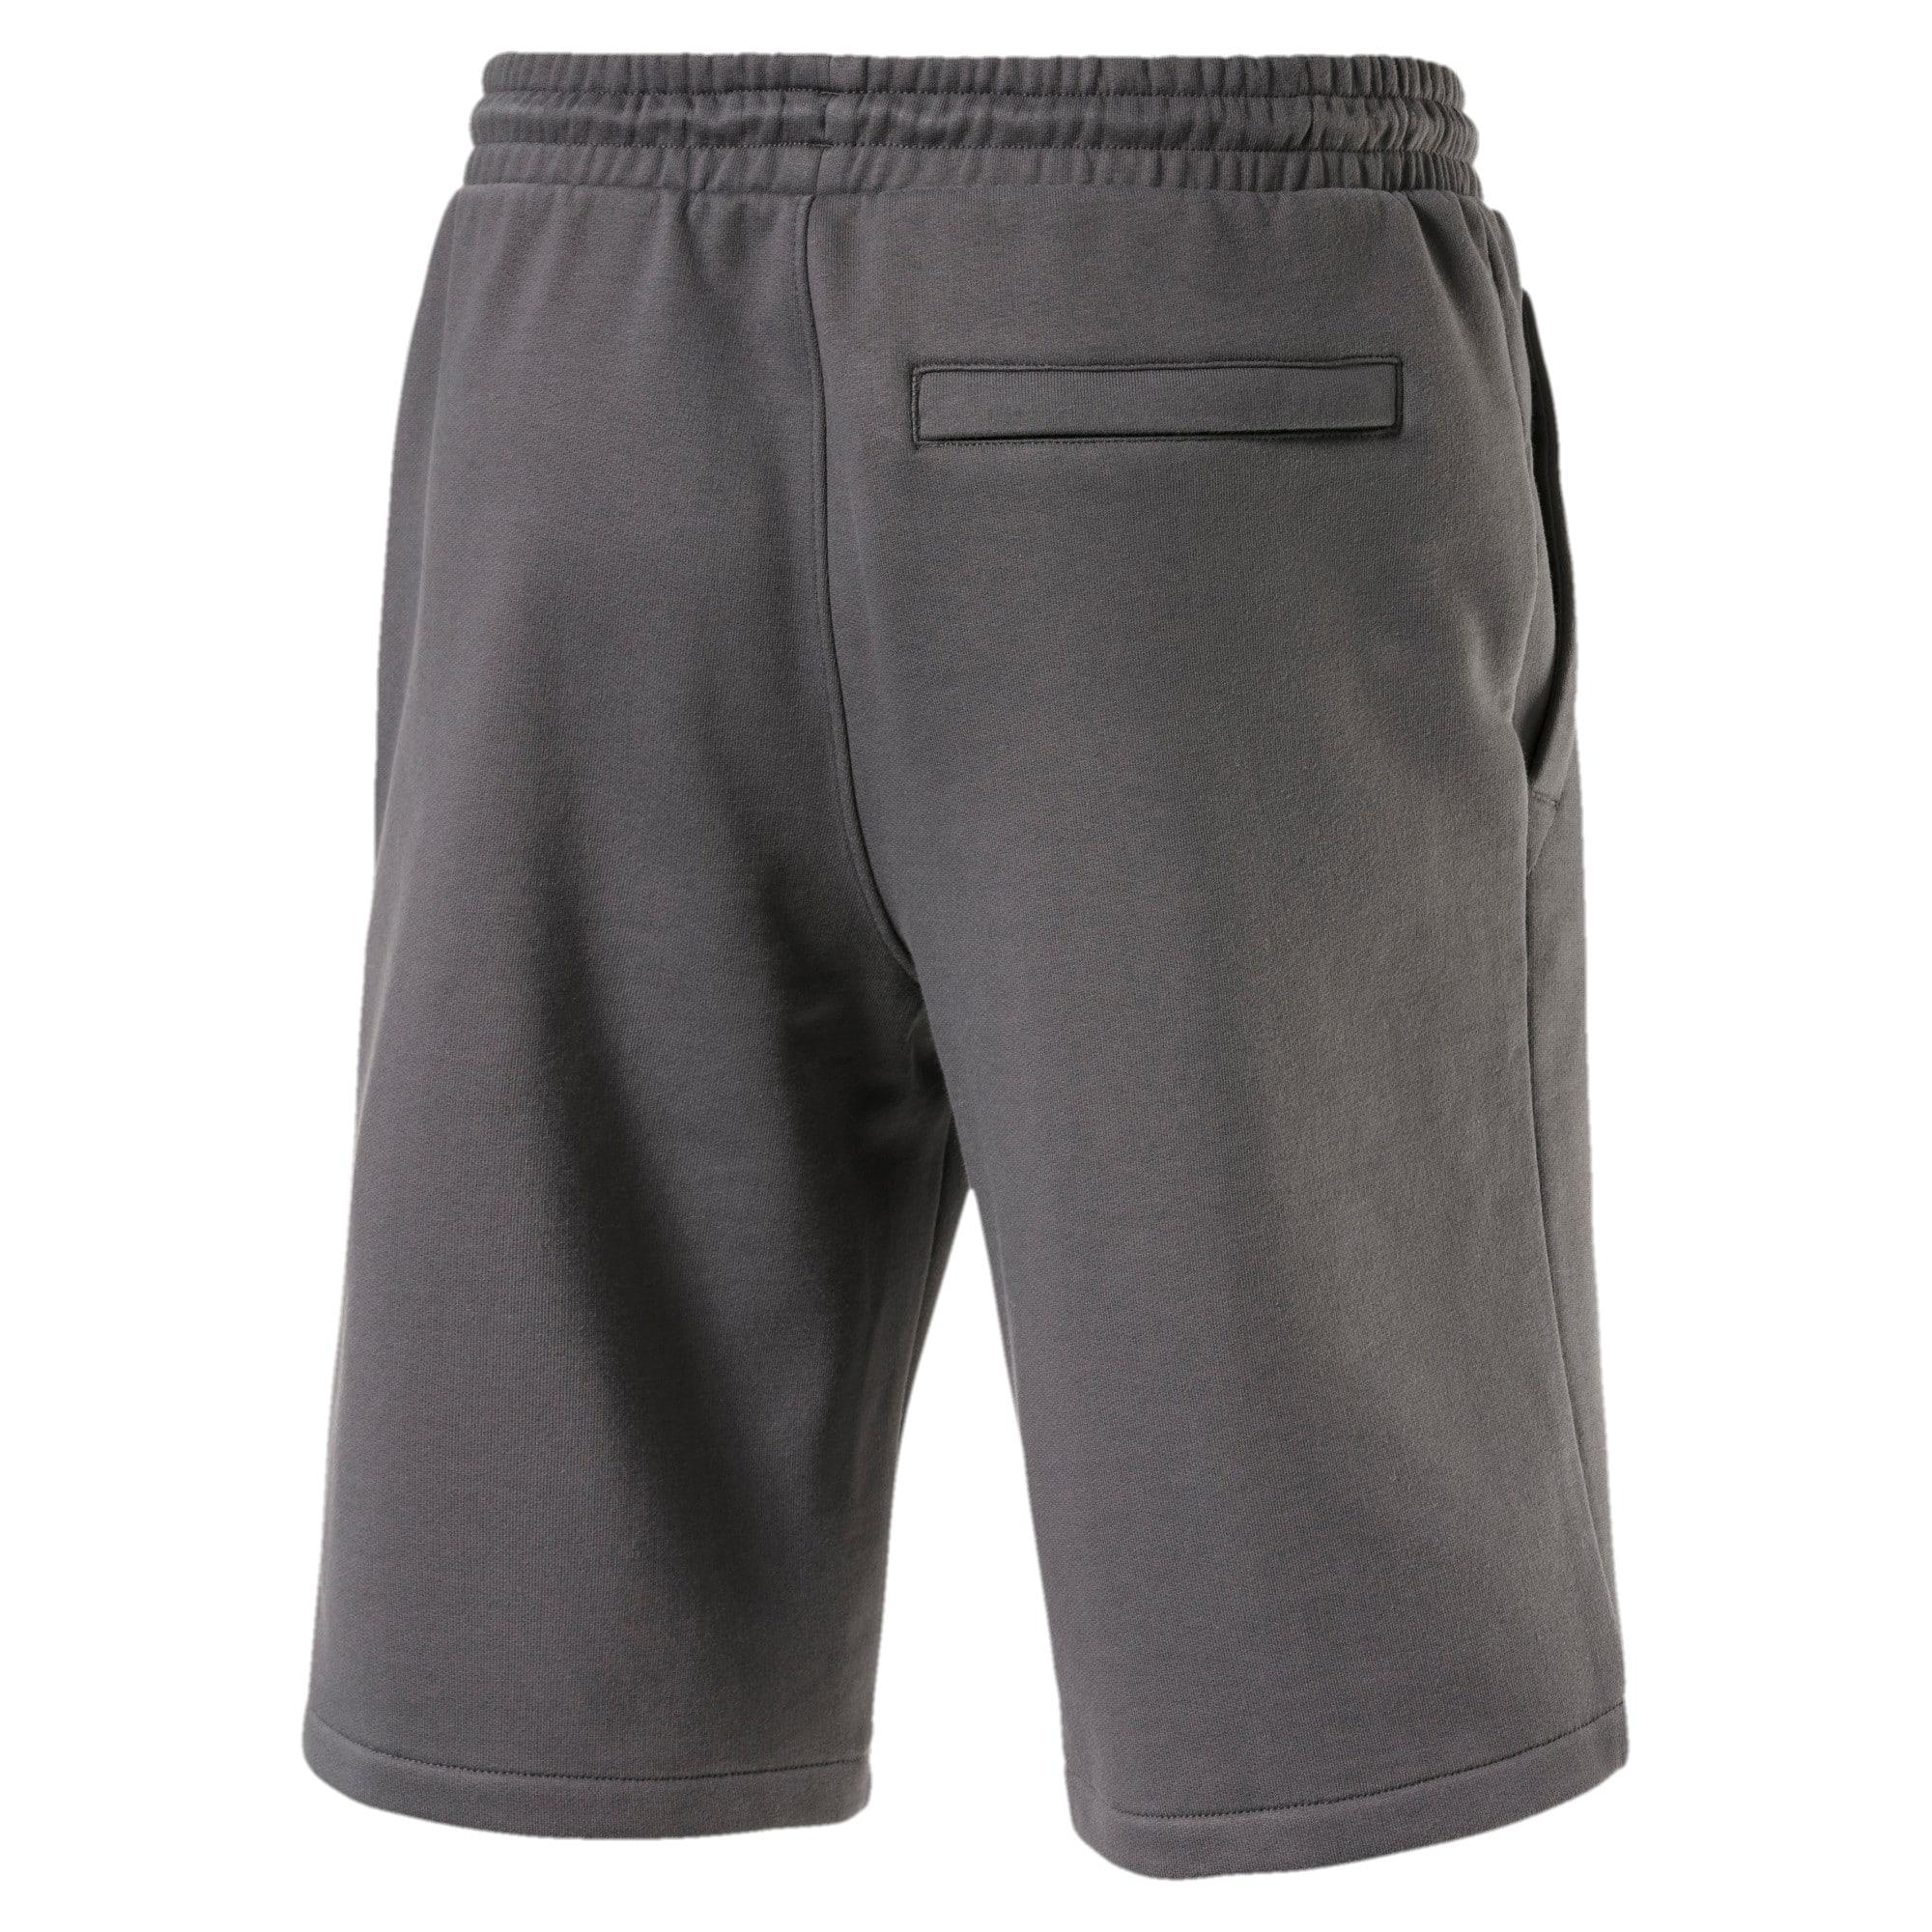 Thumbnail 2 of Classics Men's Emblem Shorts, CASTLEROCK, medium